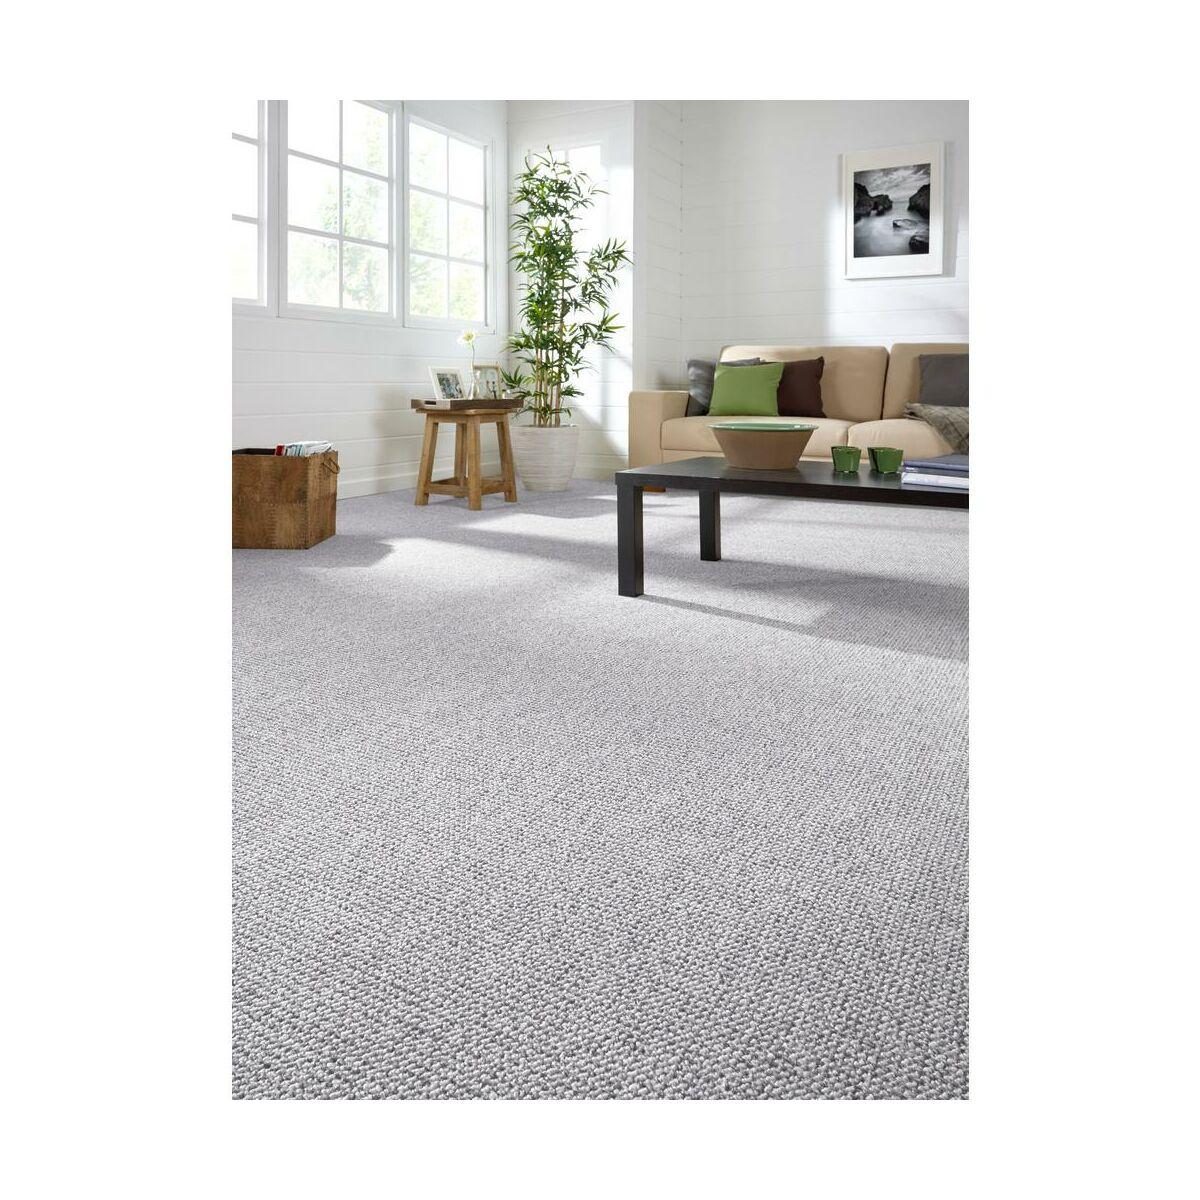 wyk adzina dywanowa opus 910 wyk adziny dywanowe w atrakcyjnej cenie w sklepach leroy merlin. Black Bedroom Furniture Sets. Home Design Ideas